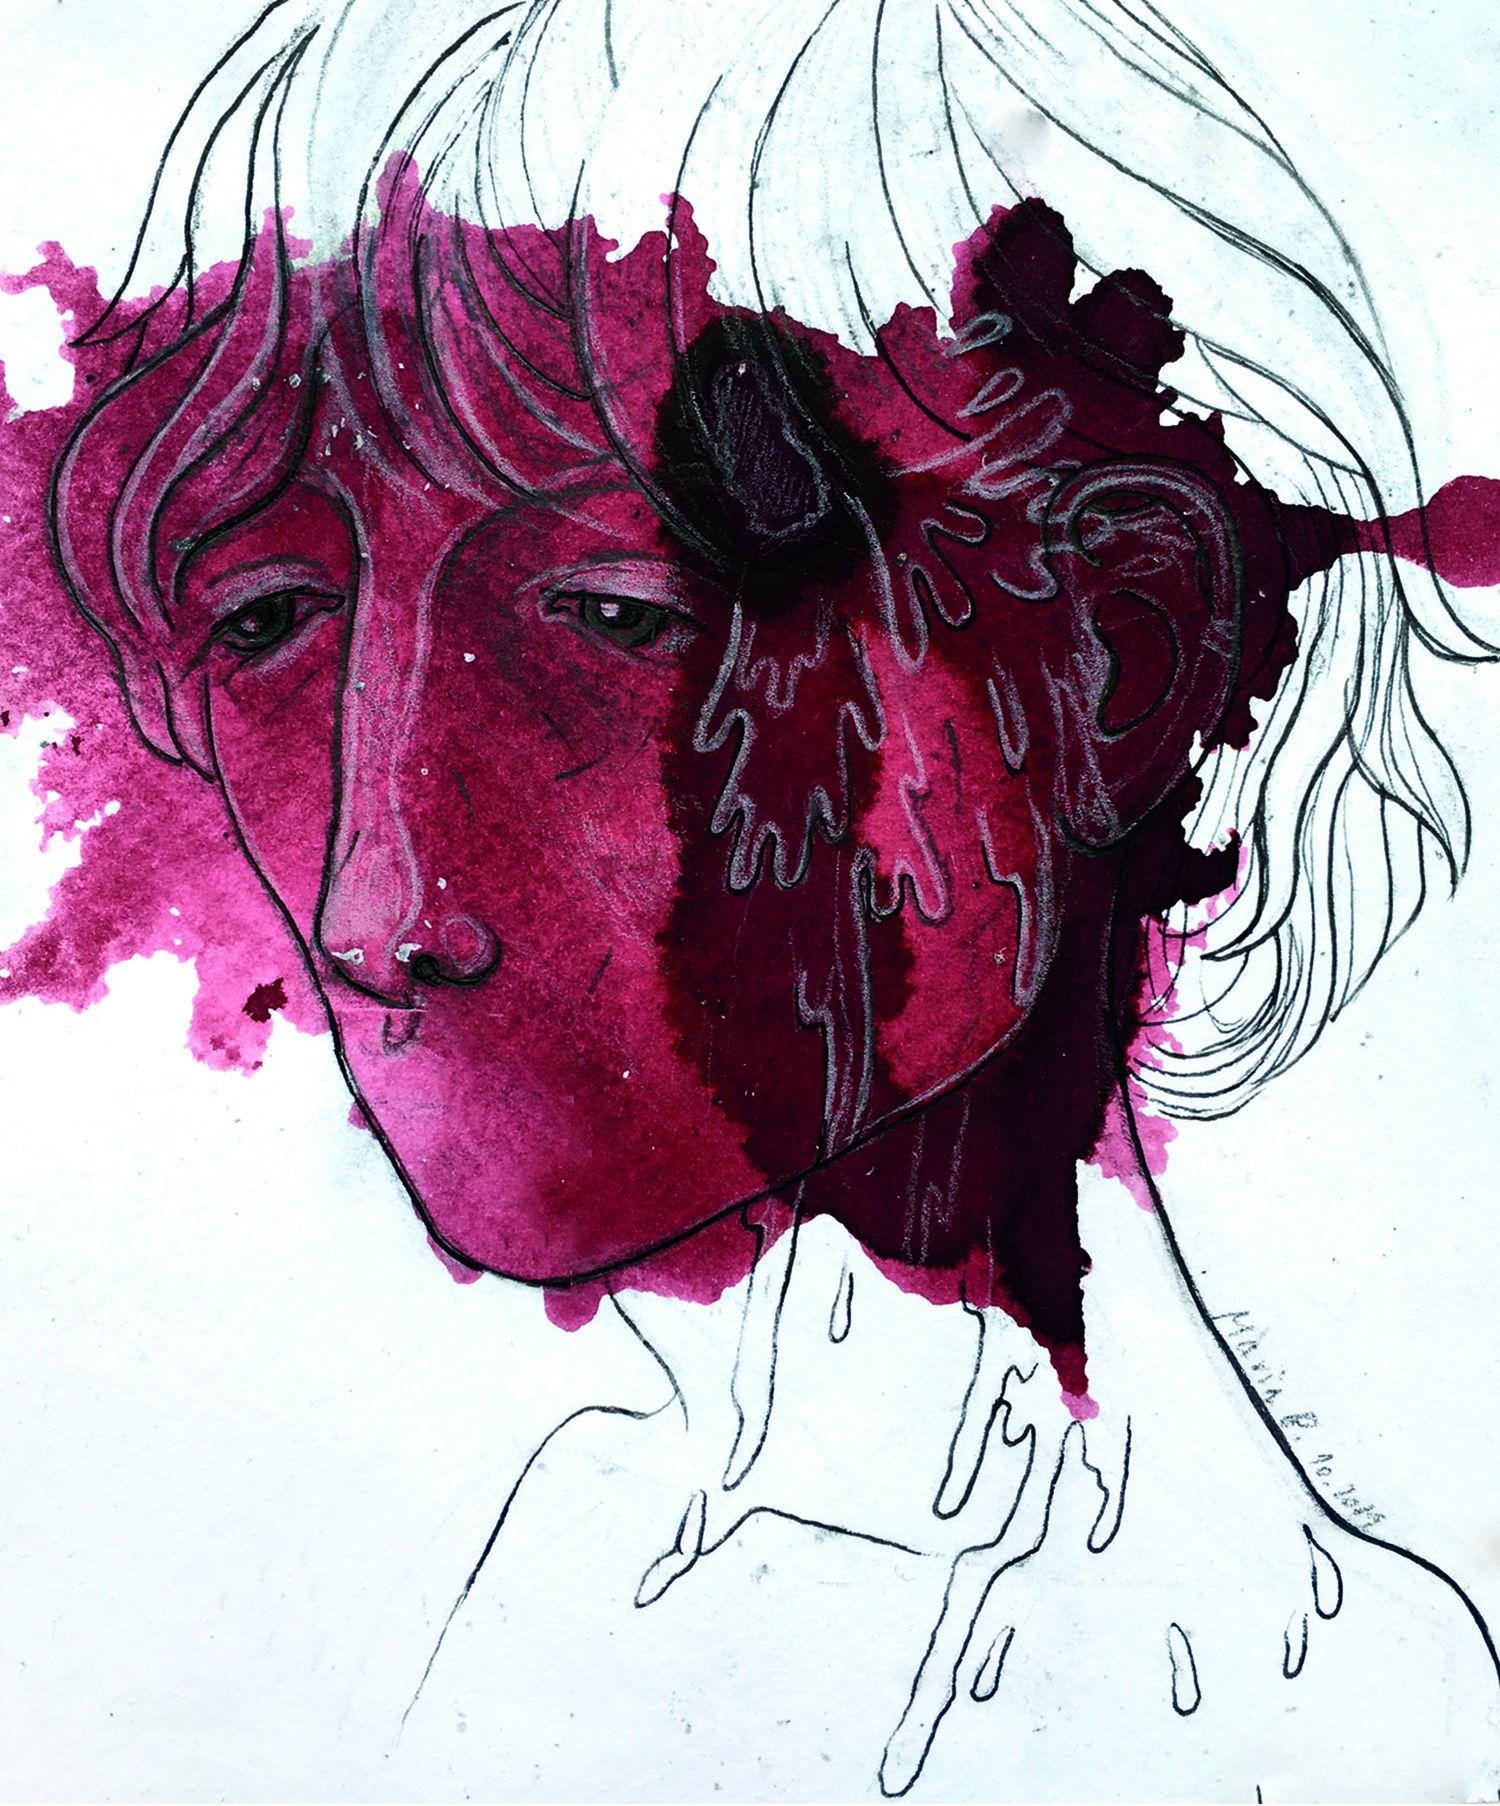 Splash Illustration by Maria Bradovkova, art, splash art, portrait